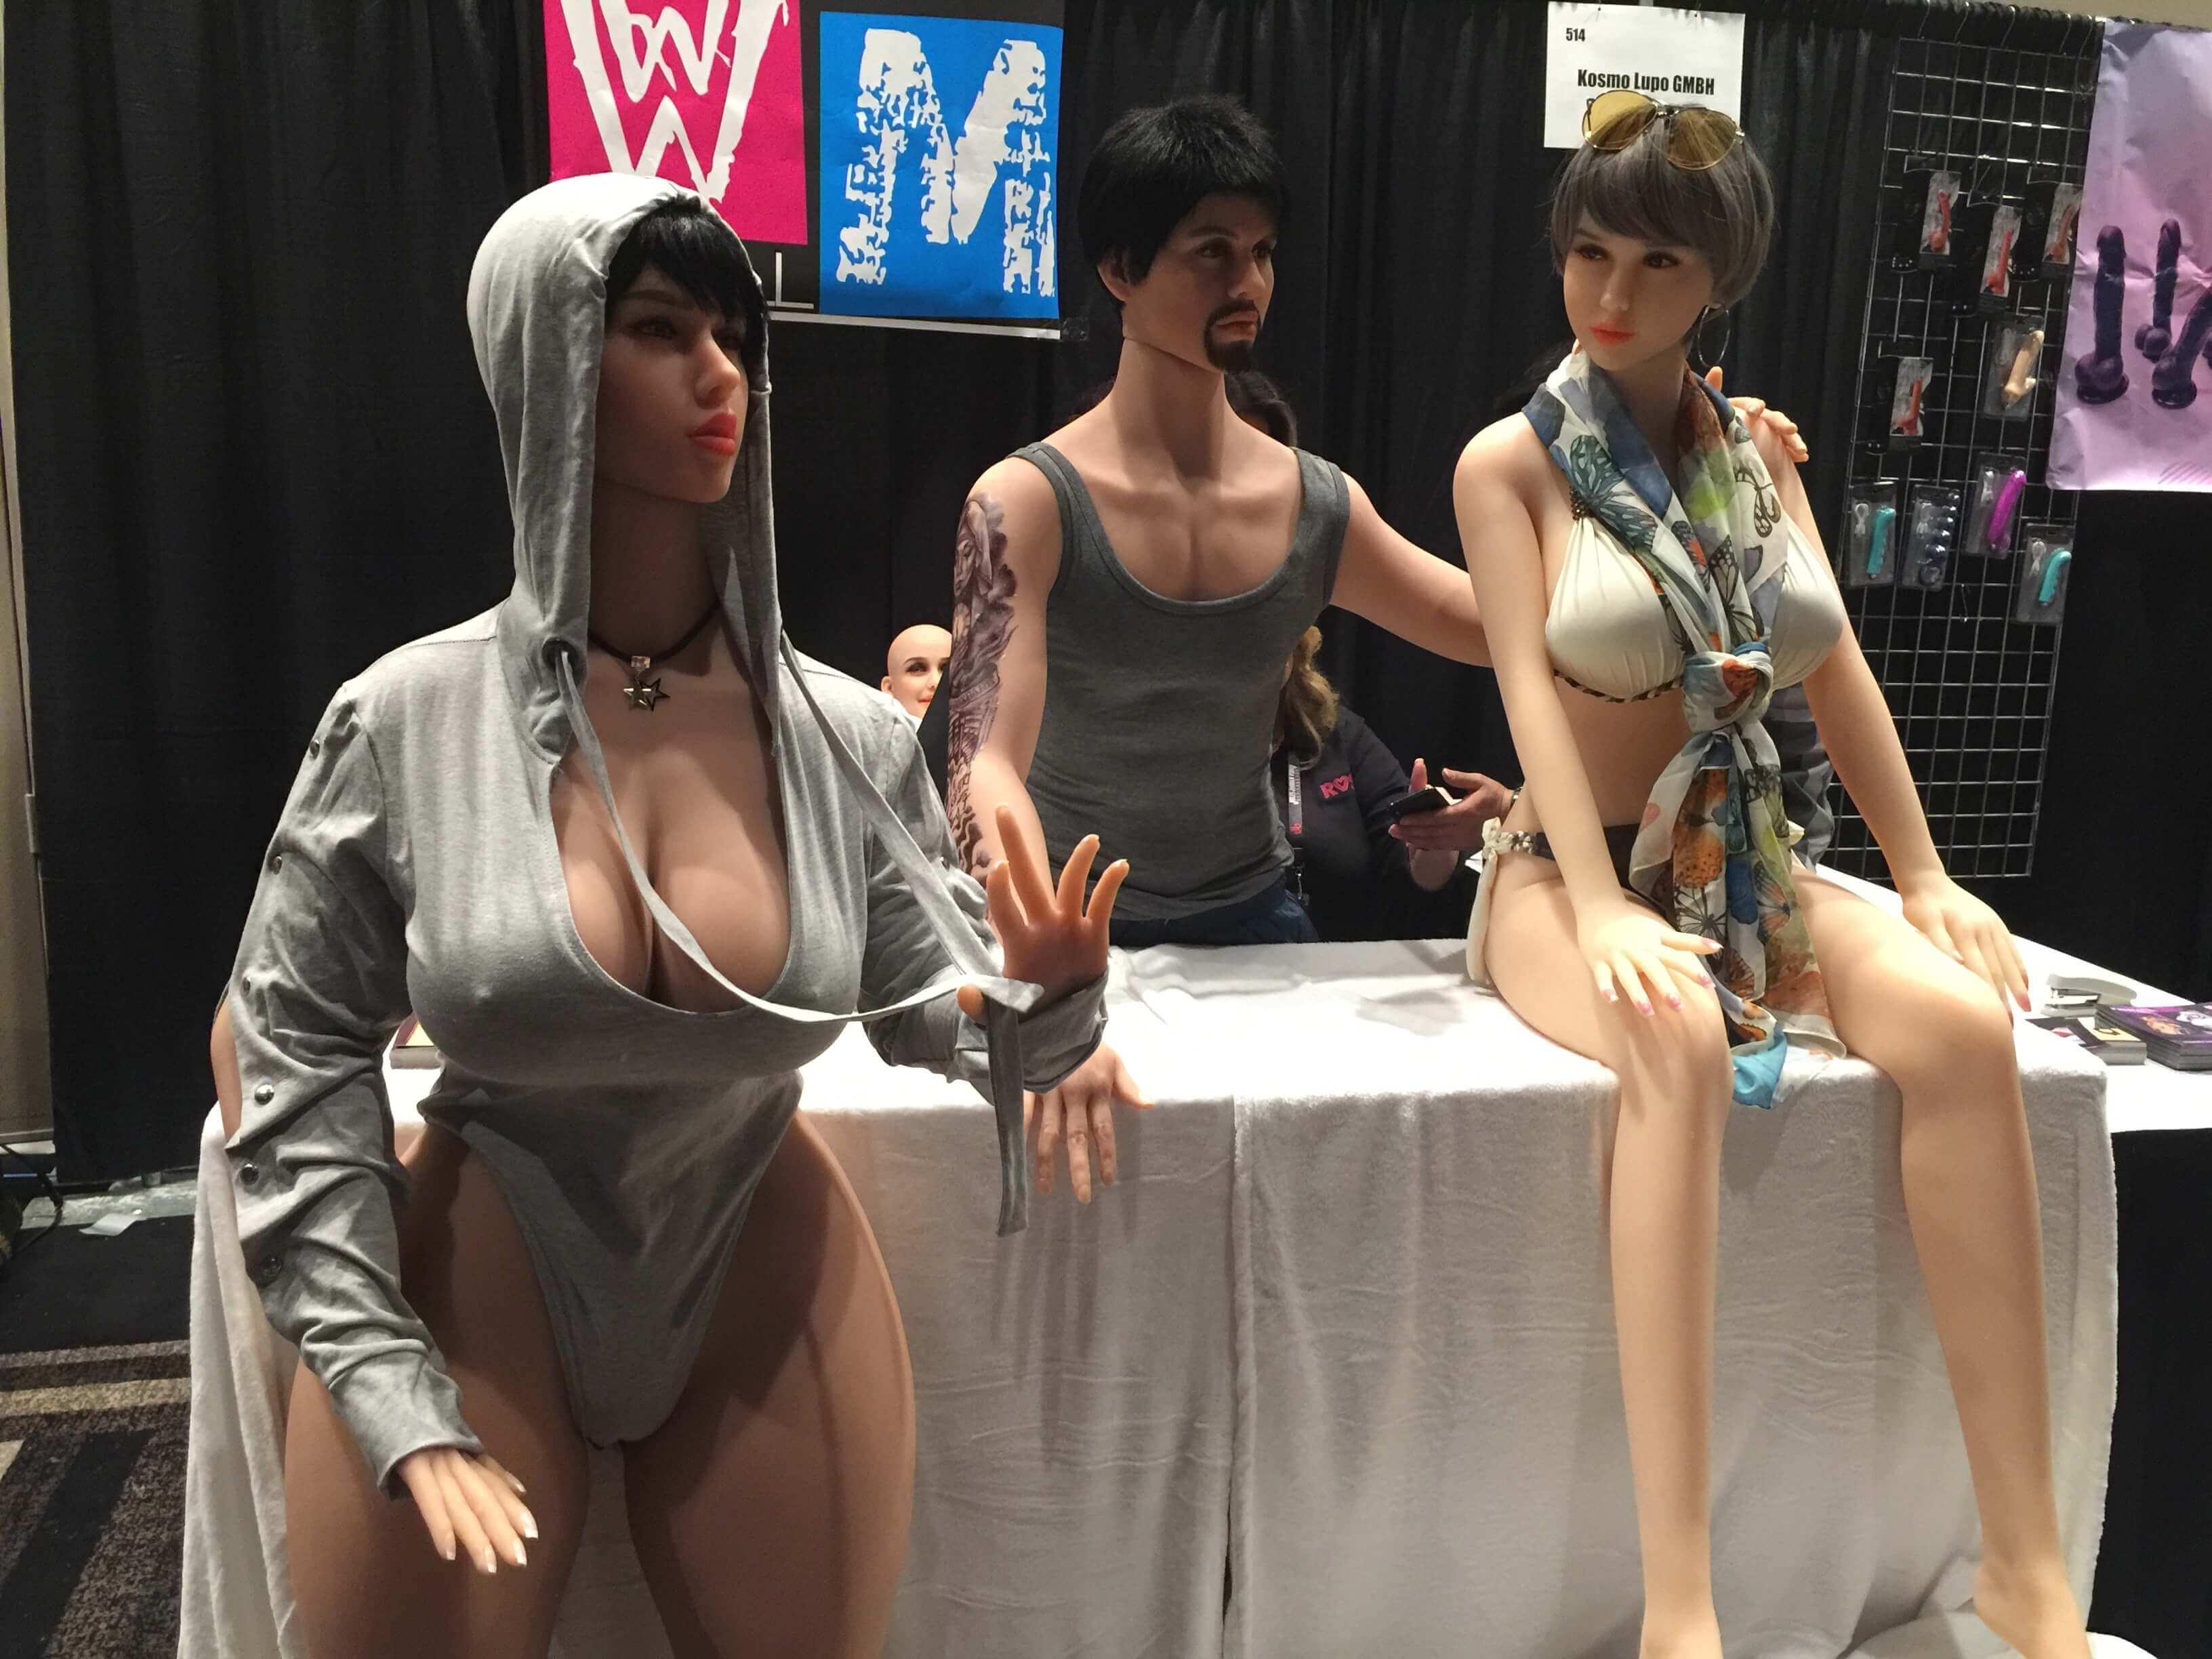 Celebrity Doppelgngers, en mundtlig Sexbot, Og mere livagtige-6006